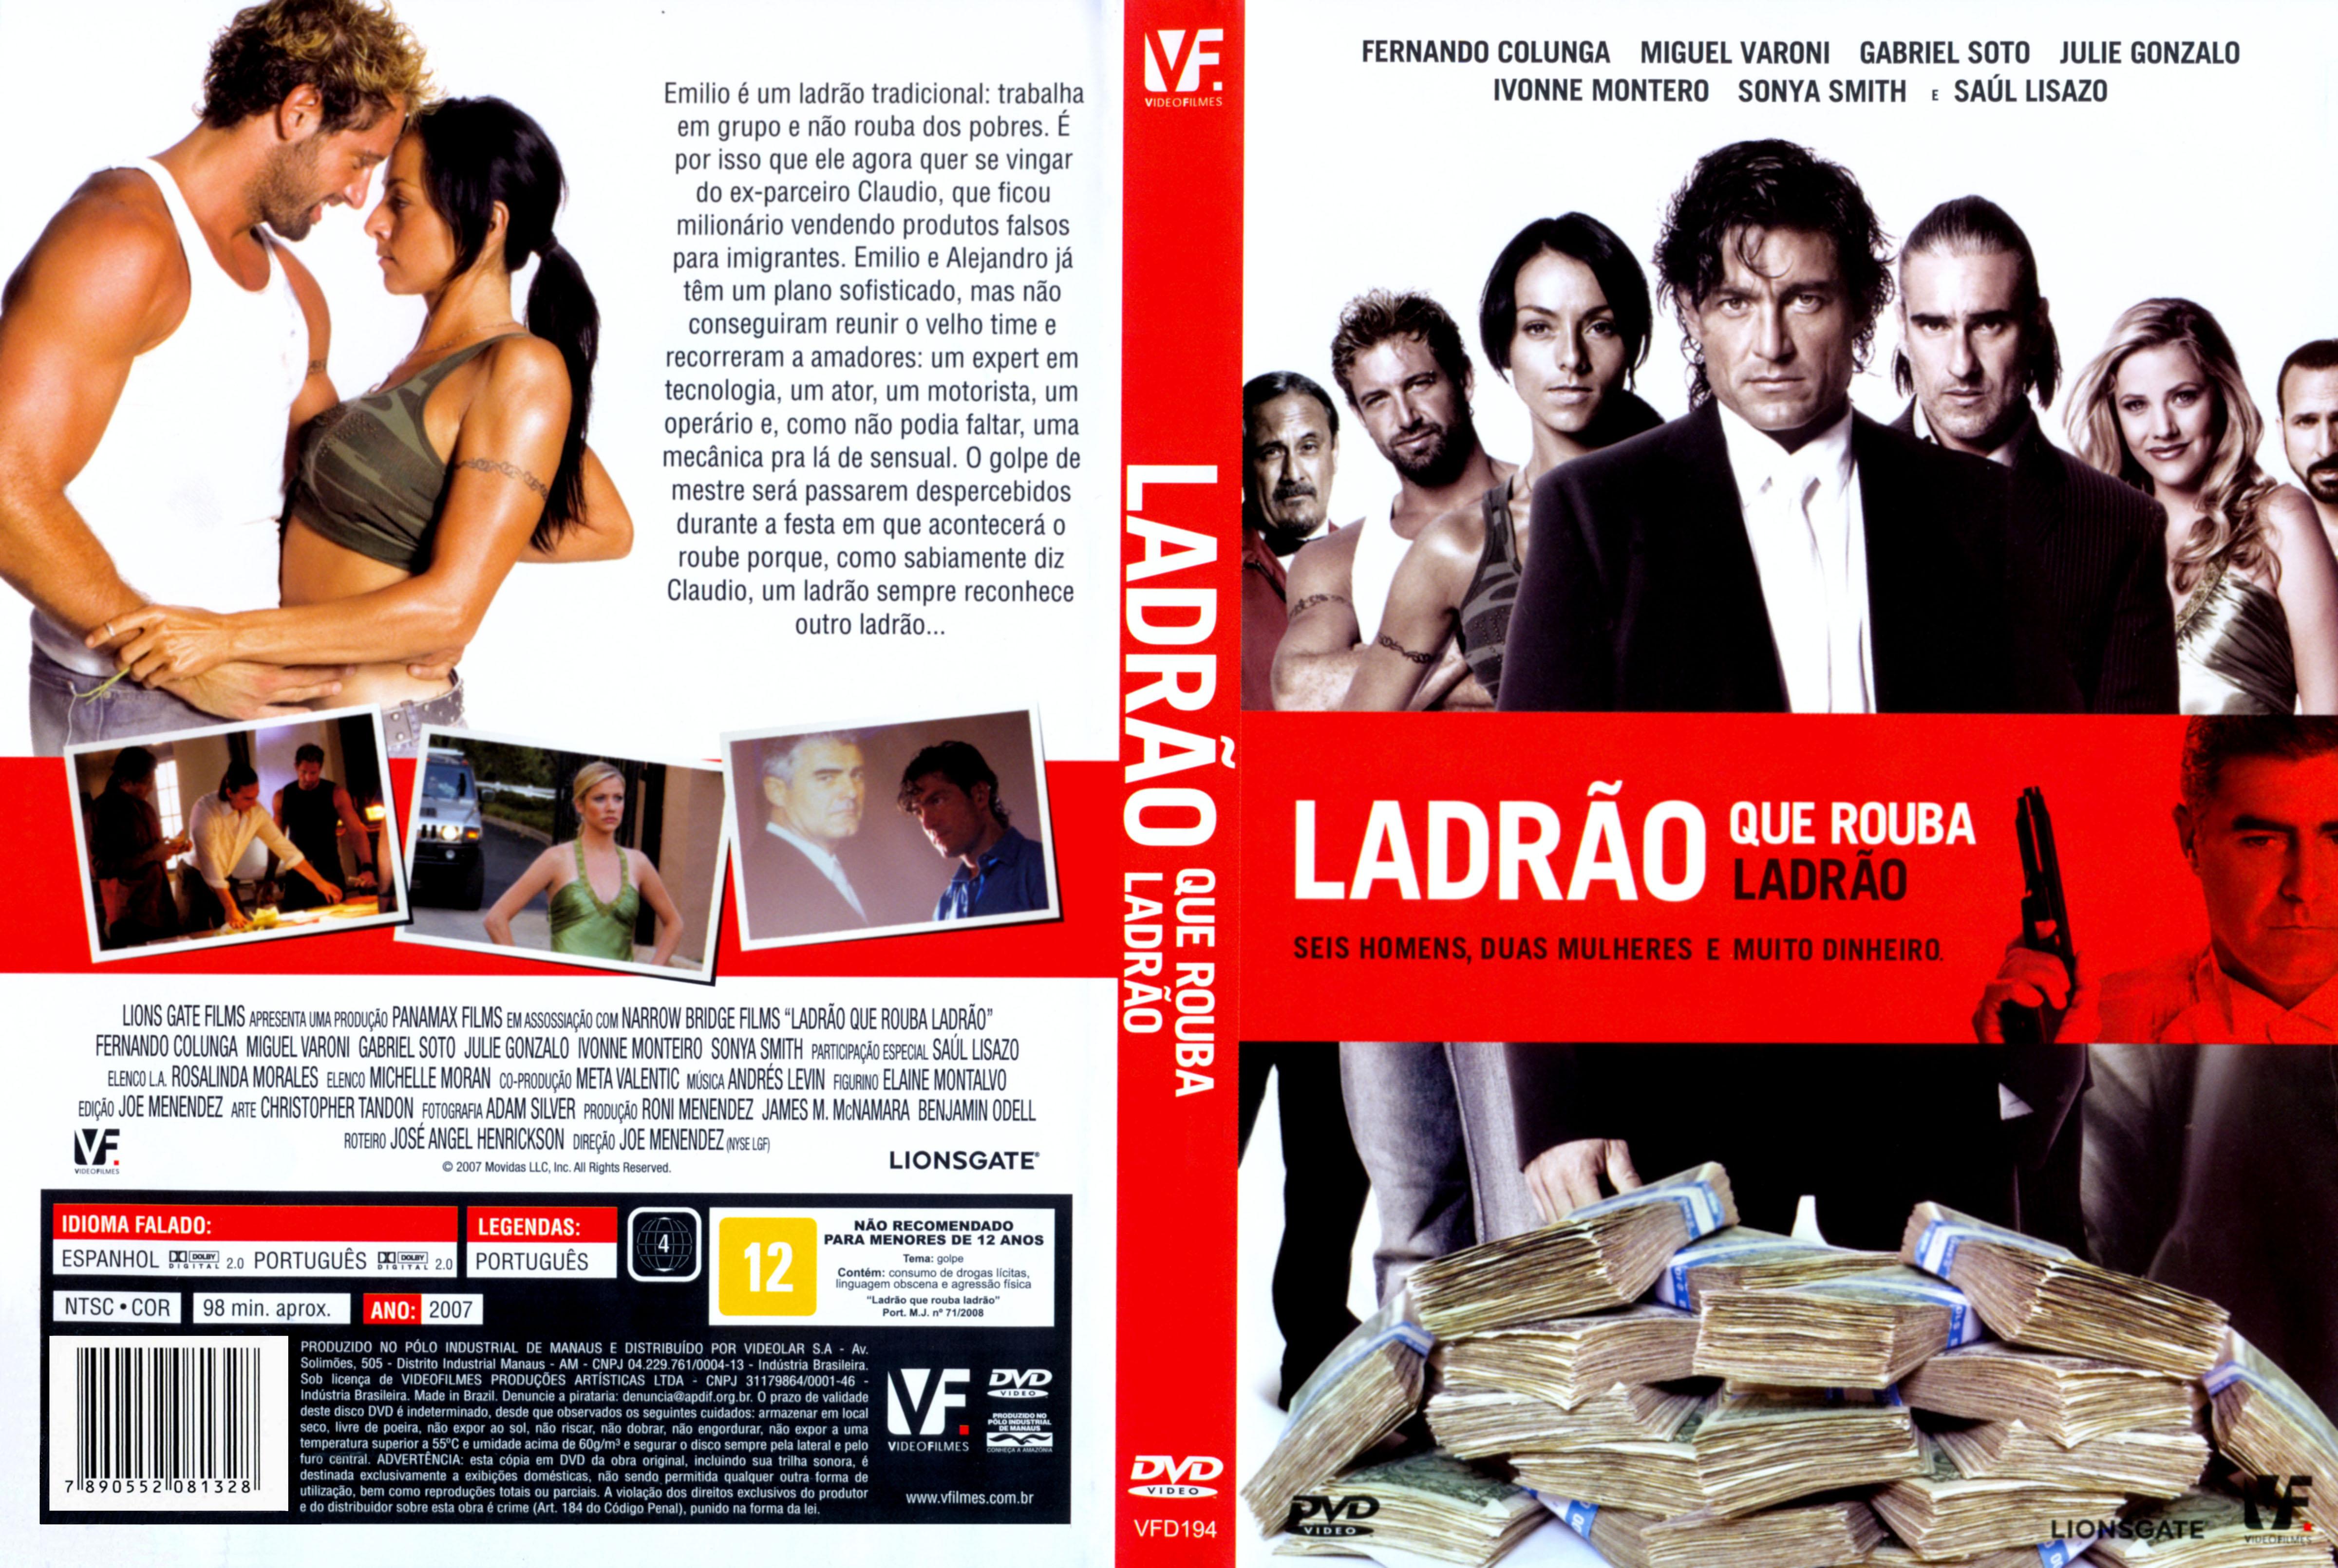 LadraoQueRoubaLadrao